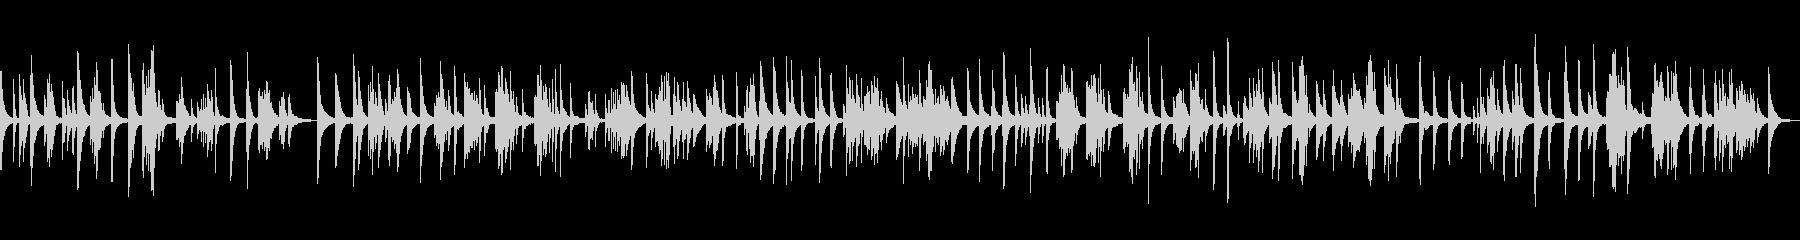 KANTリラックスピアノBGM0706の未再生の波形